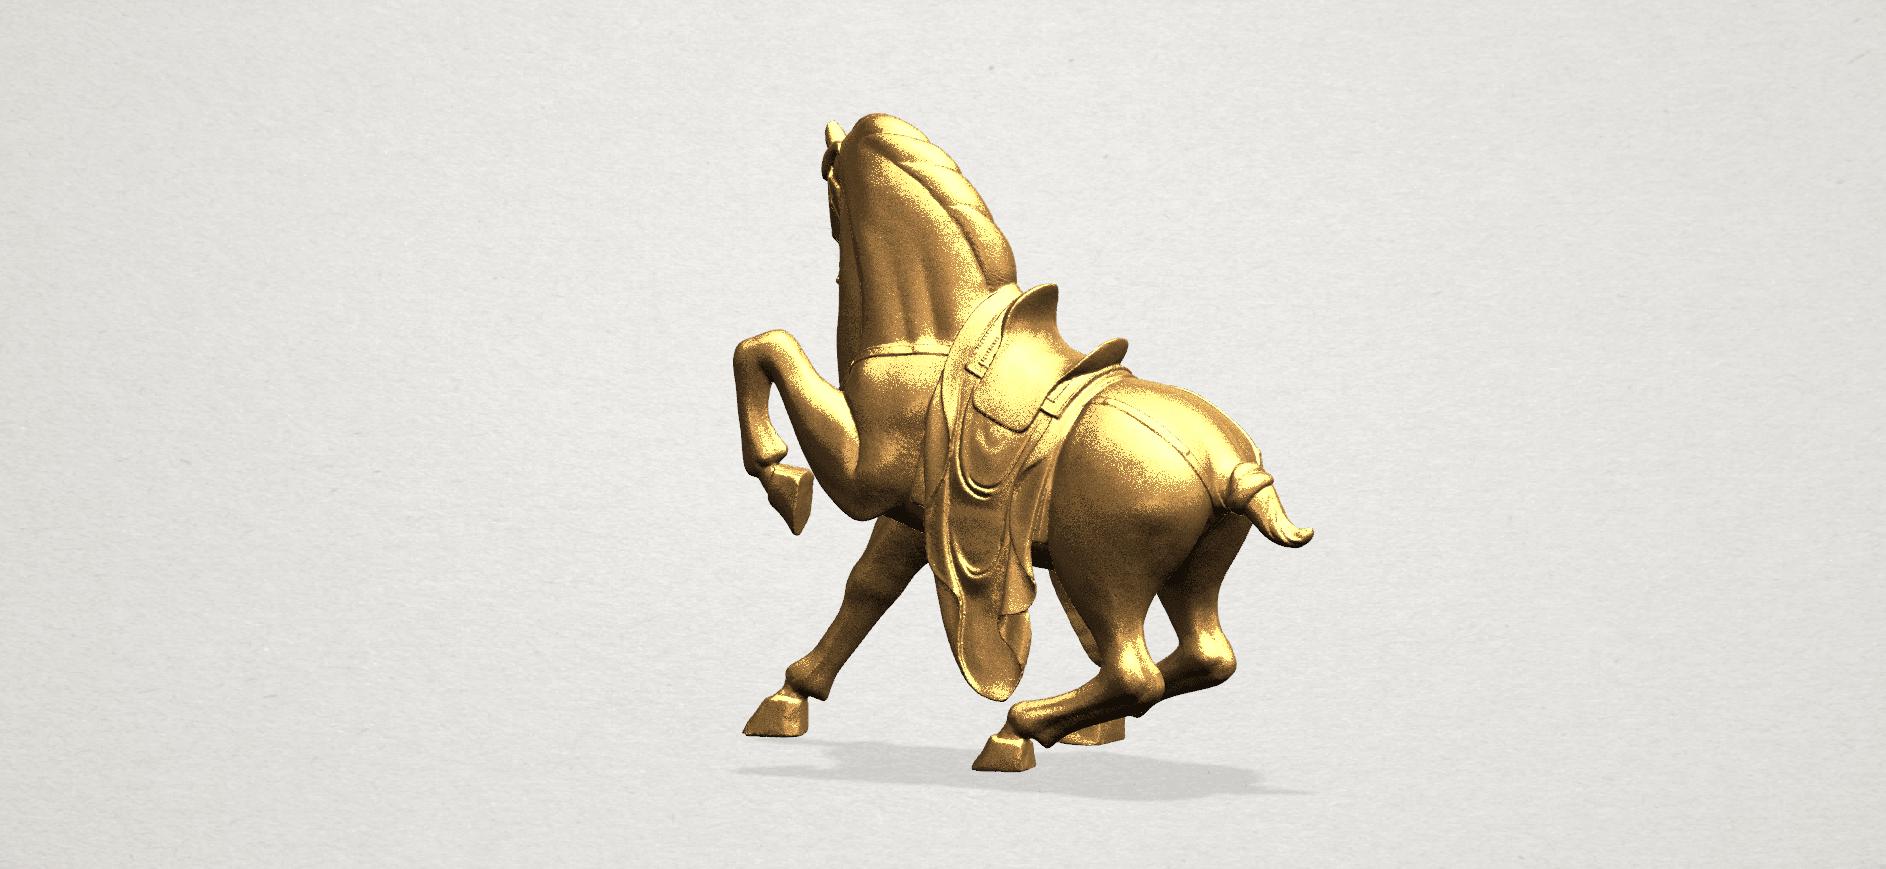 Horse III - B05.png Télécharger fichier STL gratuit Cheval 03 • Design imprimable en 3D, GeorgesNikkei